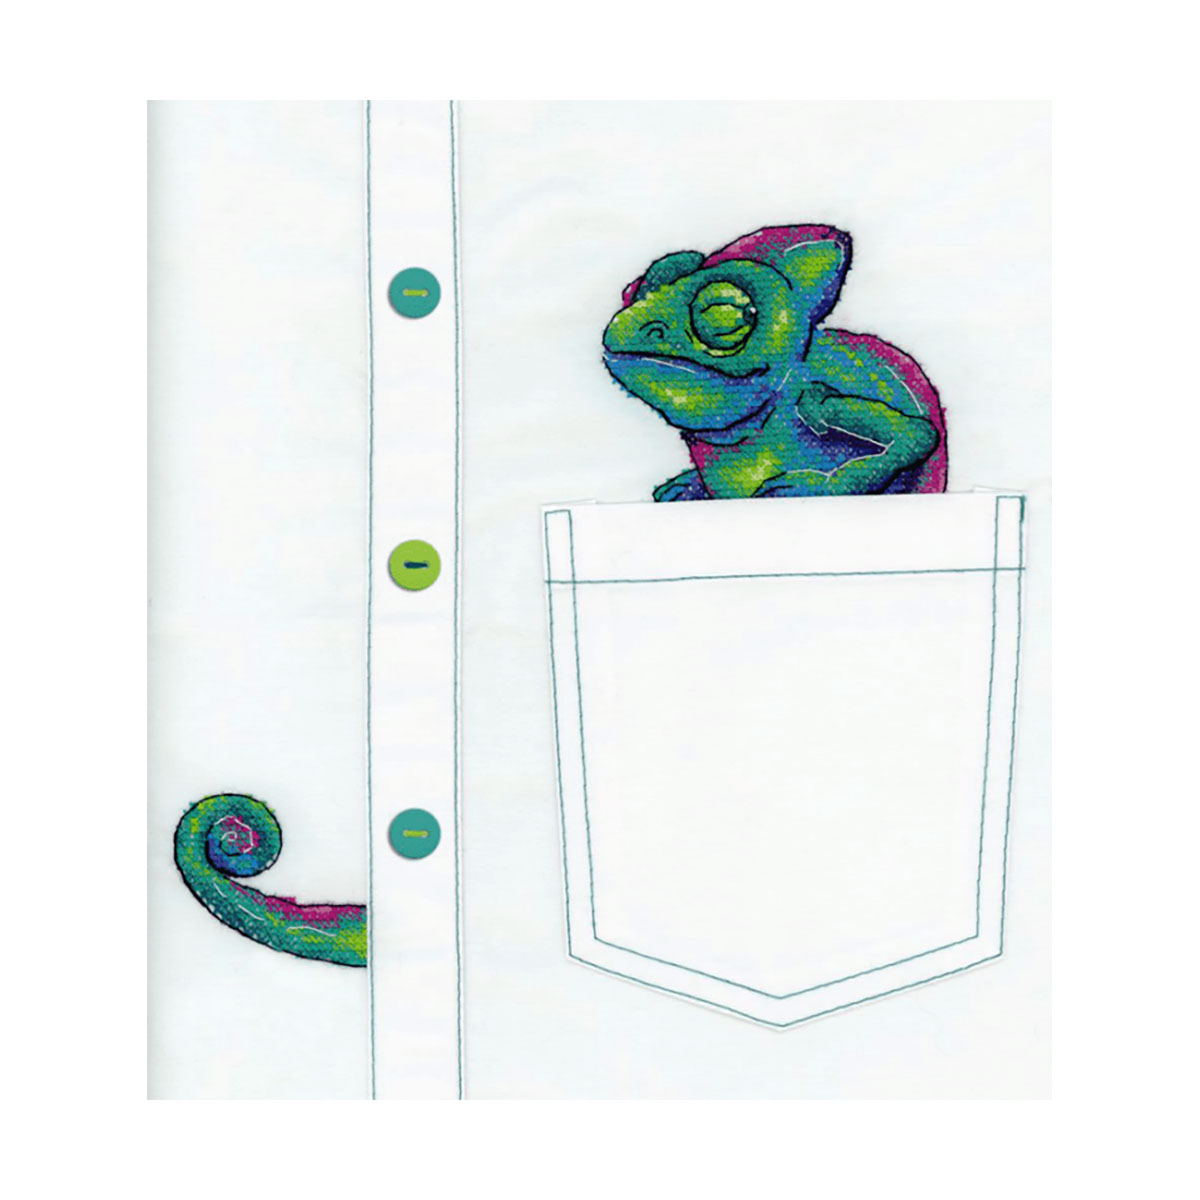 В-253 Набор для вышивания крестом на одежде МП Студия 'Любопытный хамелеон' 7*8см